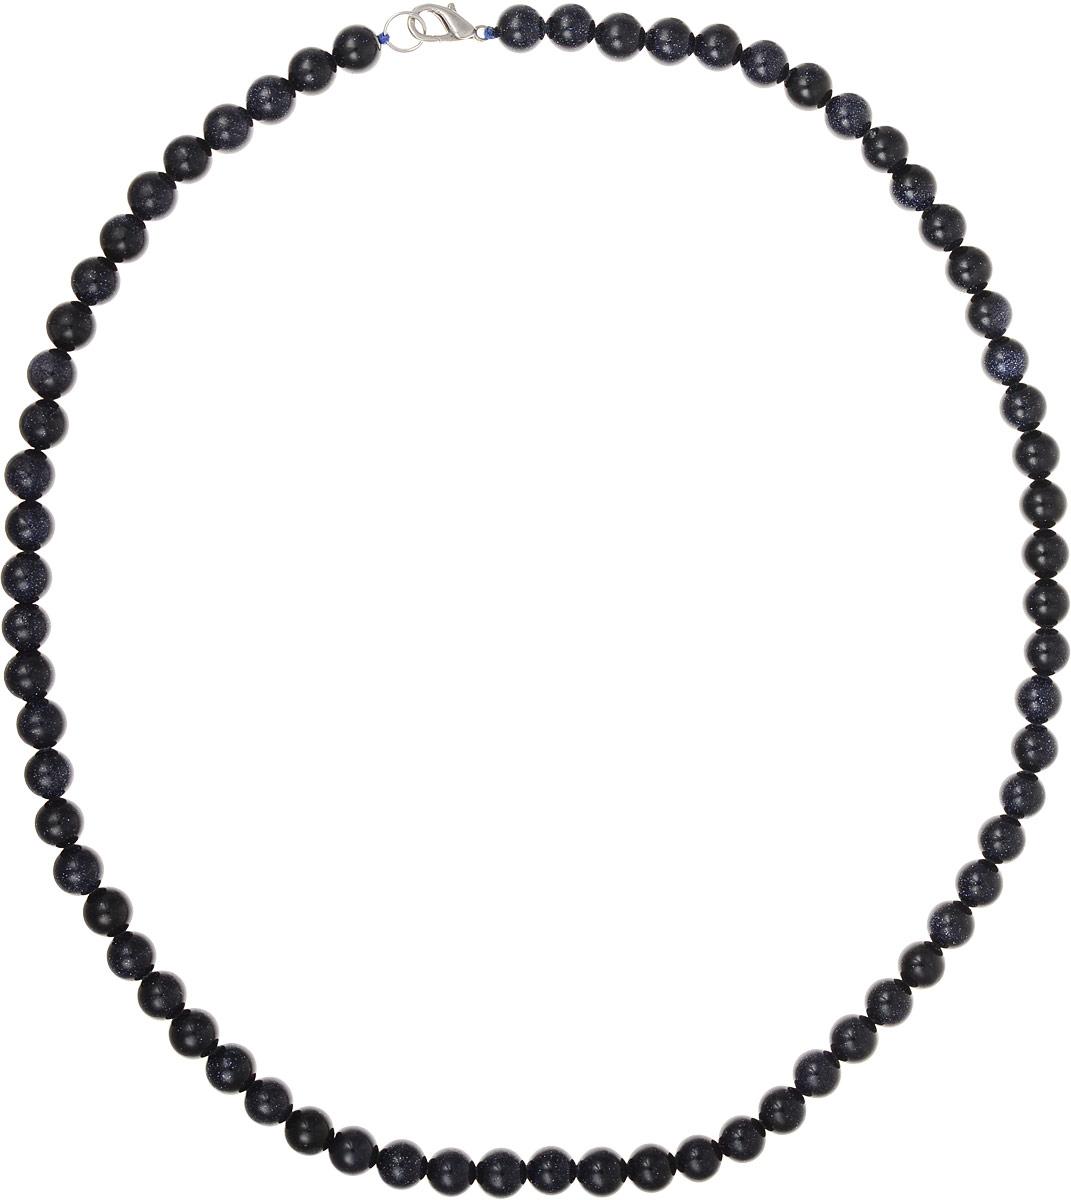 Бусы Art-Silver, цвет: синий, длина 55 см. Ав8-55-366Ав8-55-366Бусы Art-Silver подчеркнут изящество и непревзойденный вкус своей обладательницы. Они выполнены из бижутерного сплава и бусин из авантюрина диаметром 8 мм. Изделие оснащено удобным замком-карабином. В давние времена бусы из авантюрина считались счастливым талисманом, помогающим сохранить радостное настроение. Бусы из этого благородного камня выглядят как произведение искусства. Такое украшение станет изюминкой вашего образа и добавит лоск и элегантность.